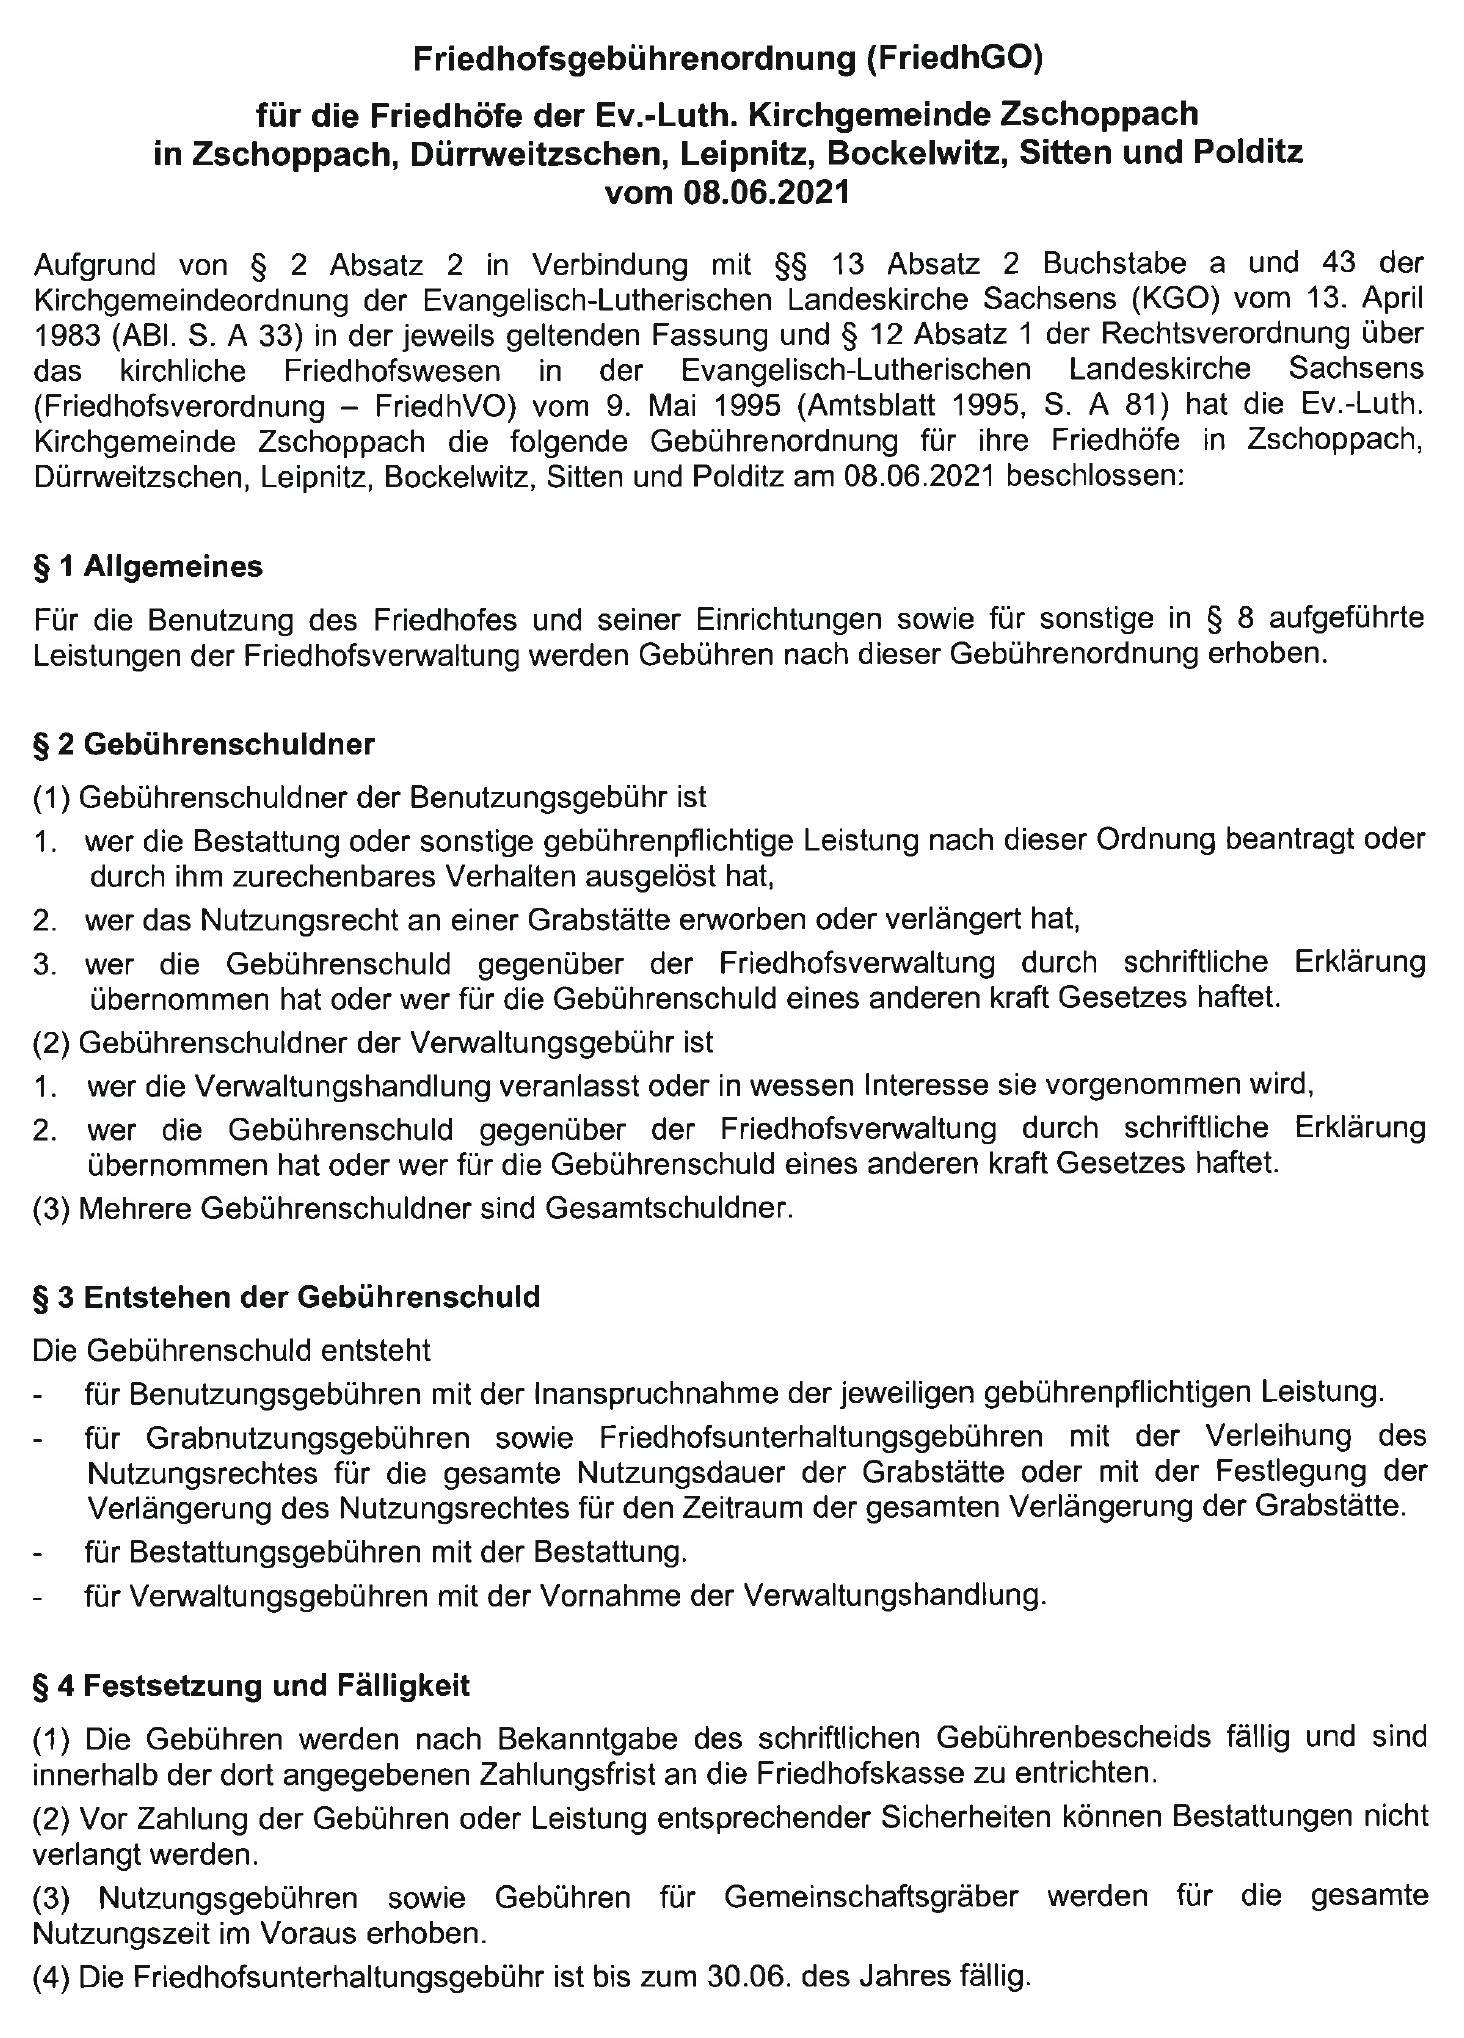 Friedhofsgebührenordnung 2021 Kirchgemeinde Zschoppach